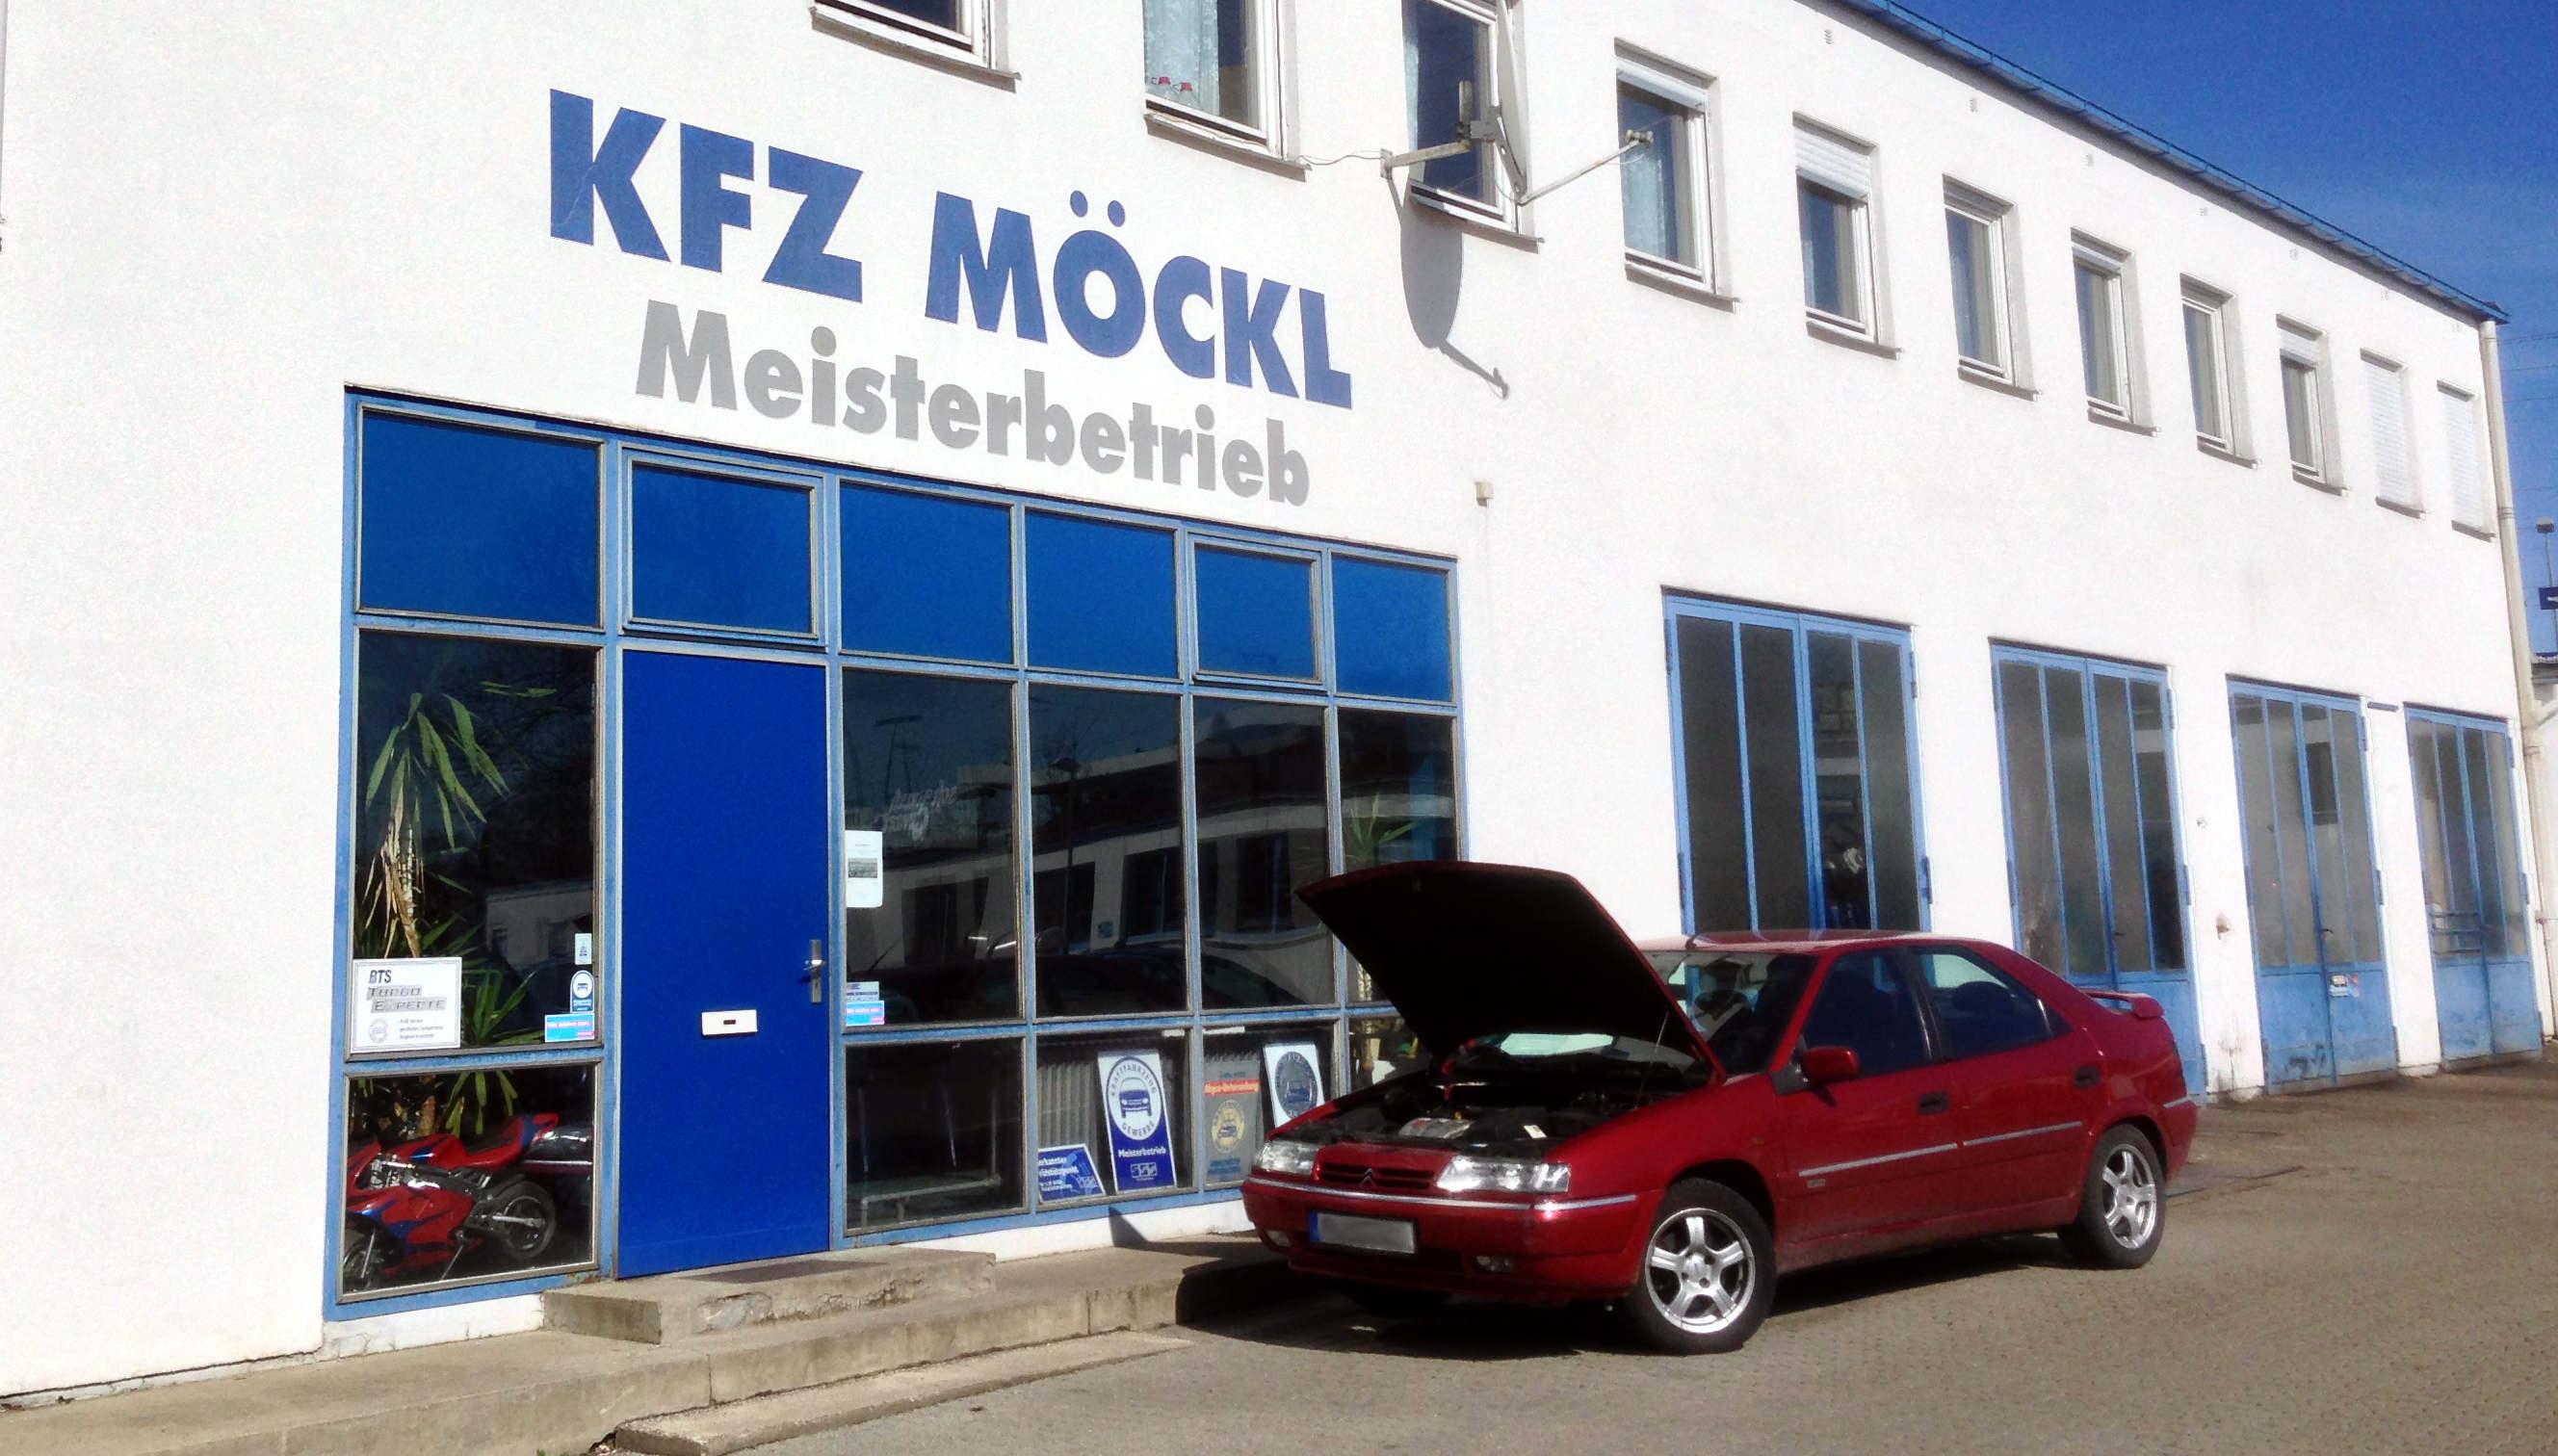 www kfz m ihre g nstige autowerkstatt in augsburg reparatur reifenwechsel lwechsel. Black Bedroom Furniture Sets. Home Design Ideas